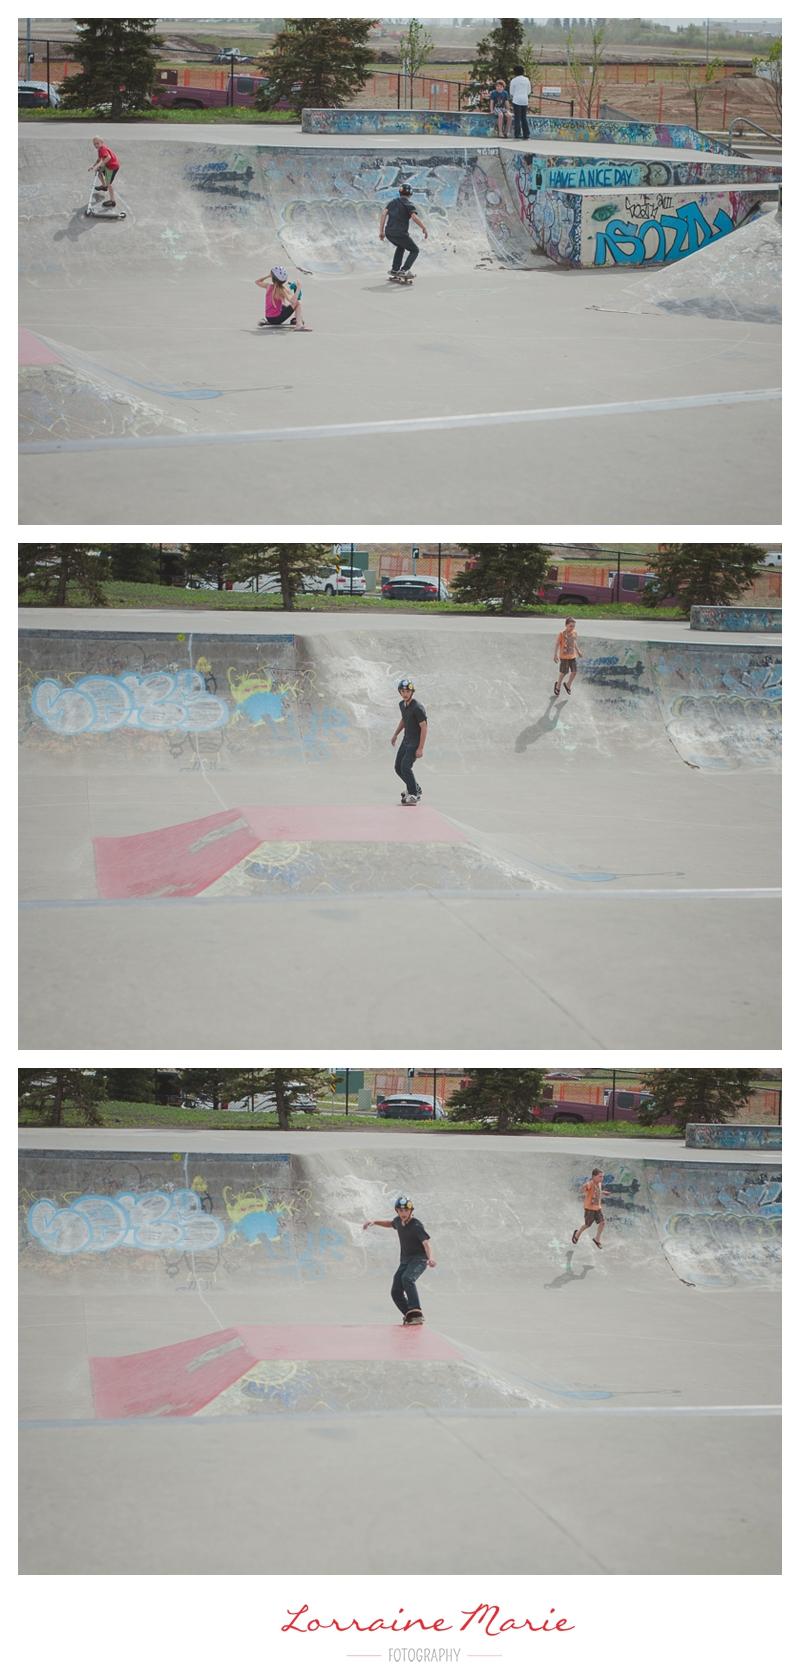 Edmonton Skateboard Park